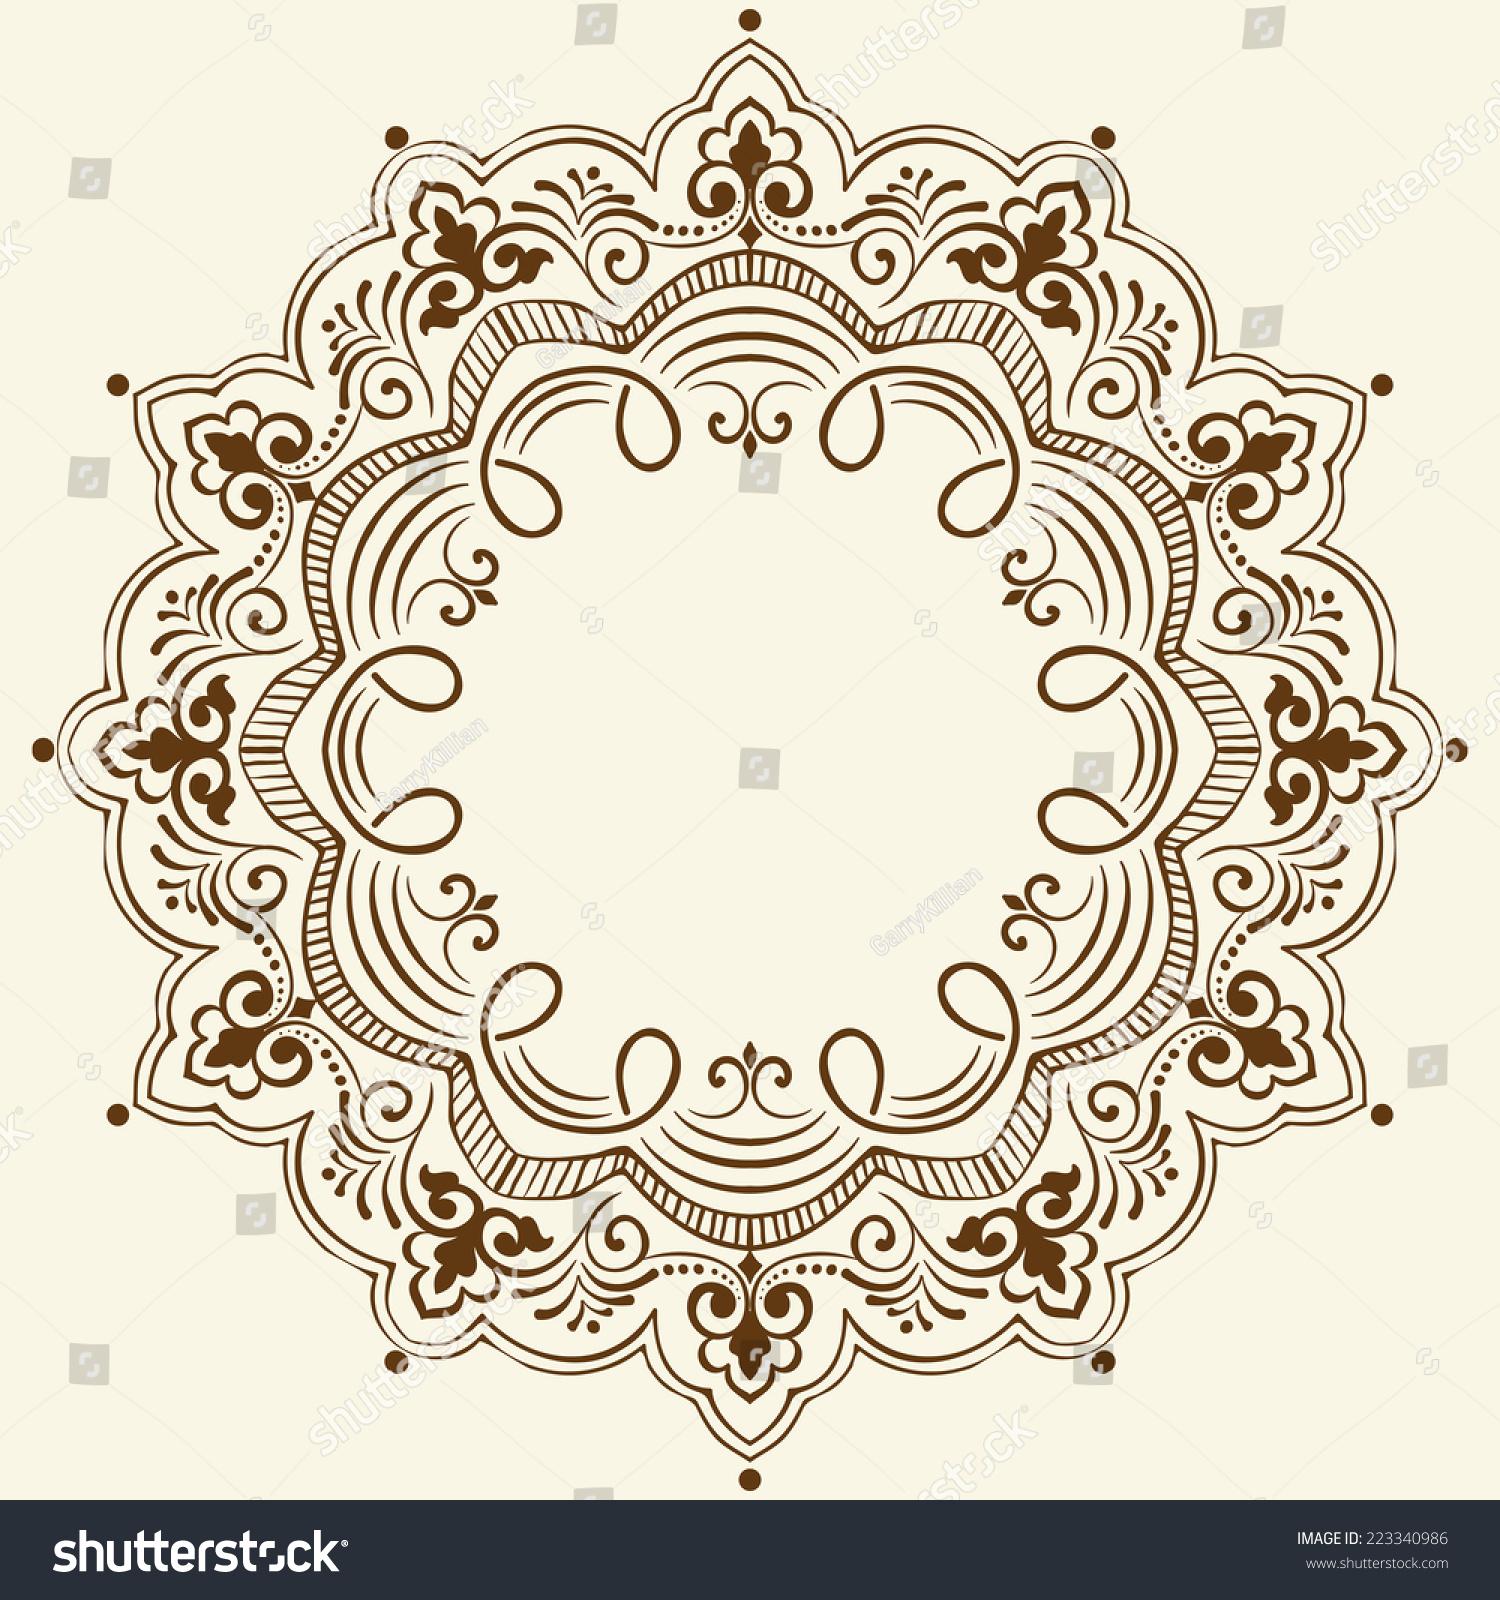 装饰花边矢量圆绫和奇异元素.手绘.东方传统装饰